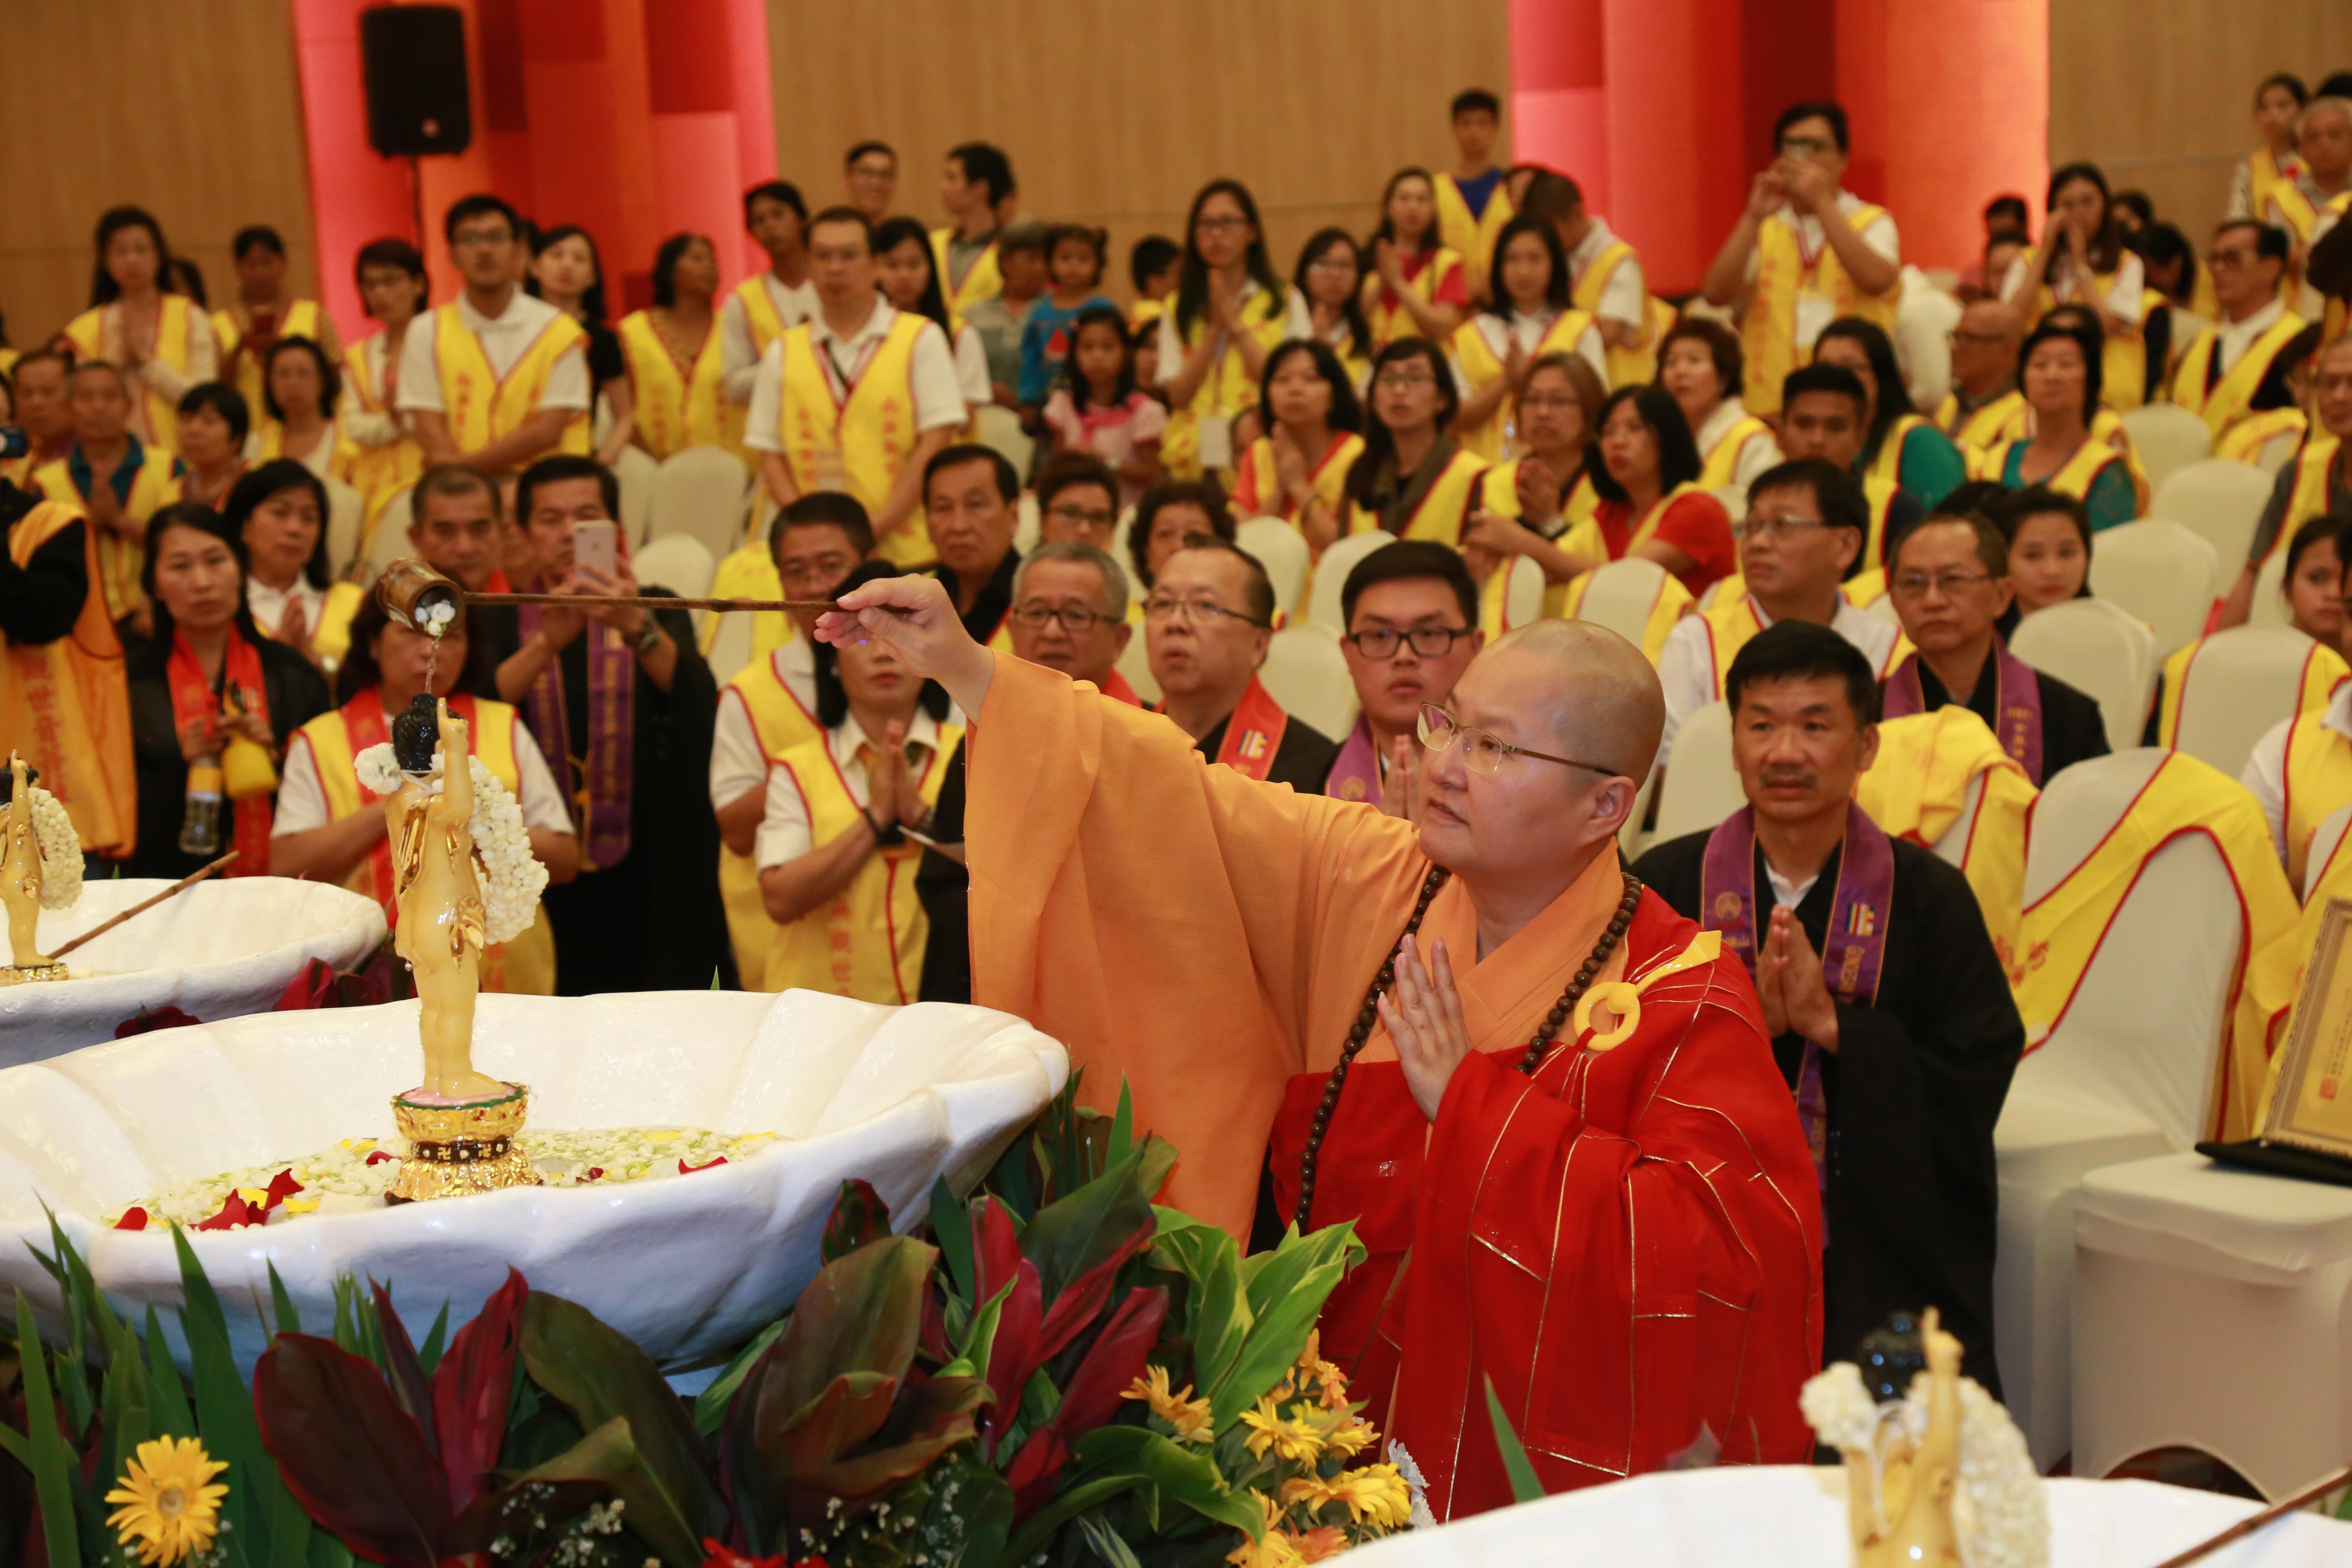 62.弘揚佛法 是我們的責任